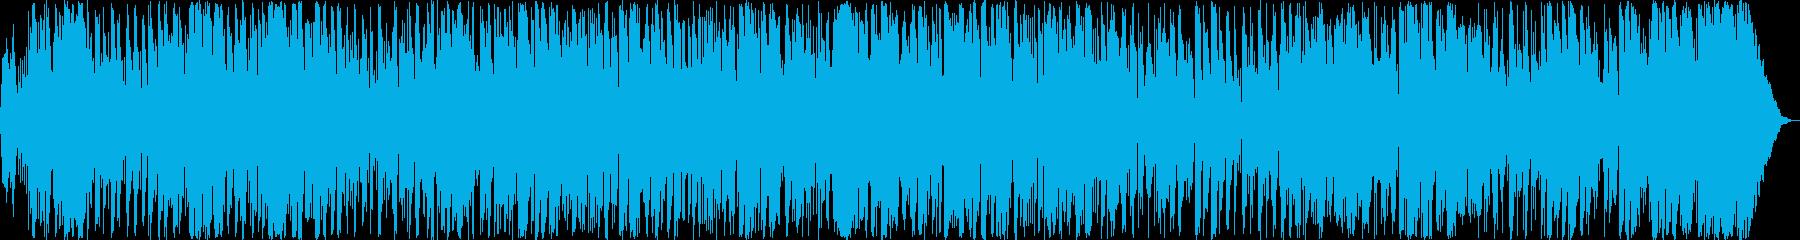 妖艶なシンセサイザーボサノヴァの再生済みの波形